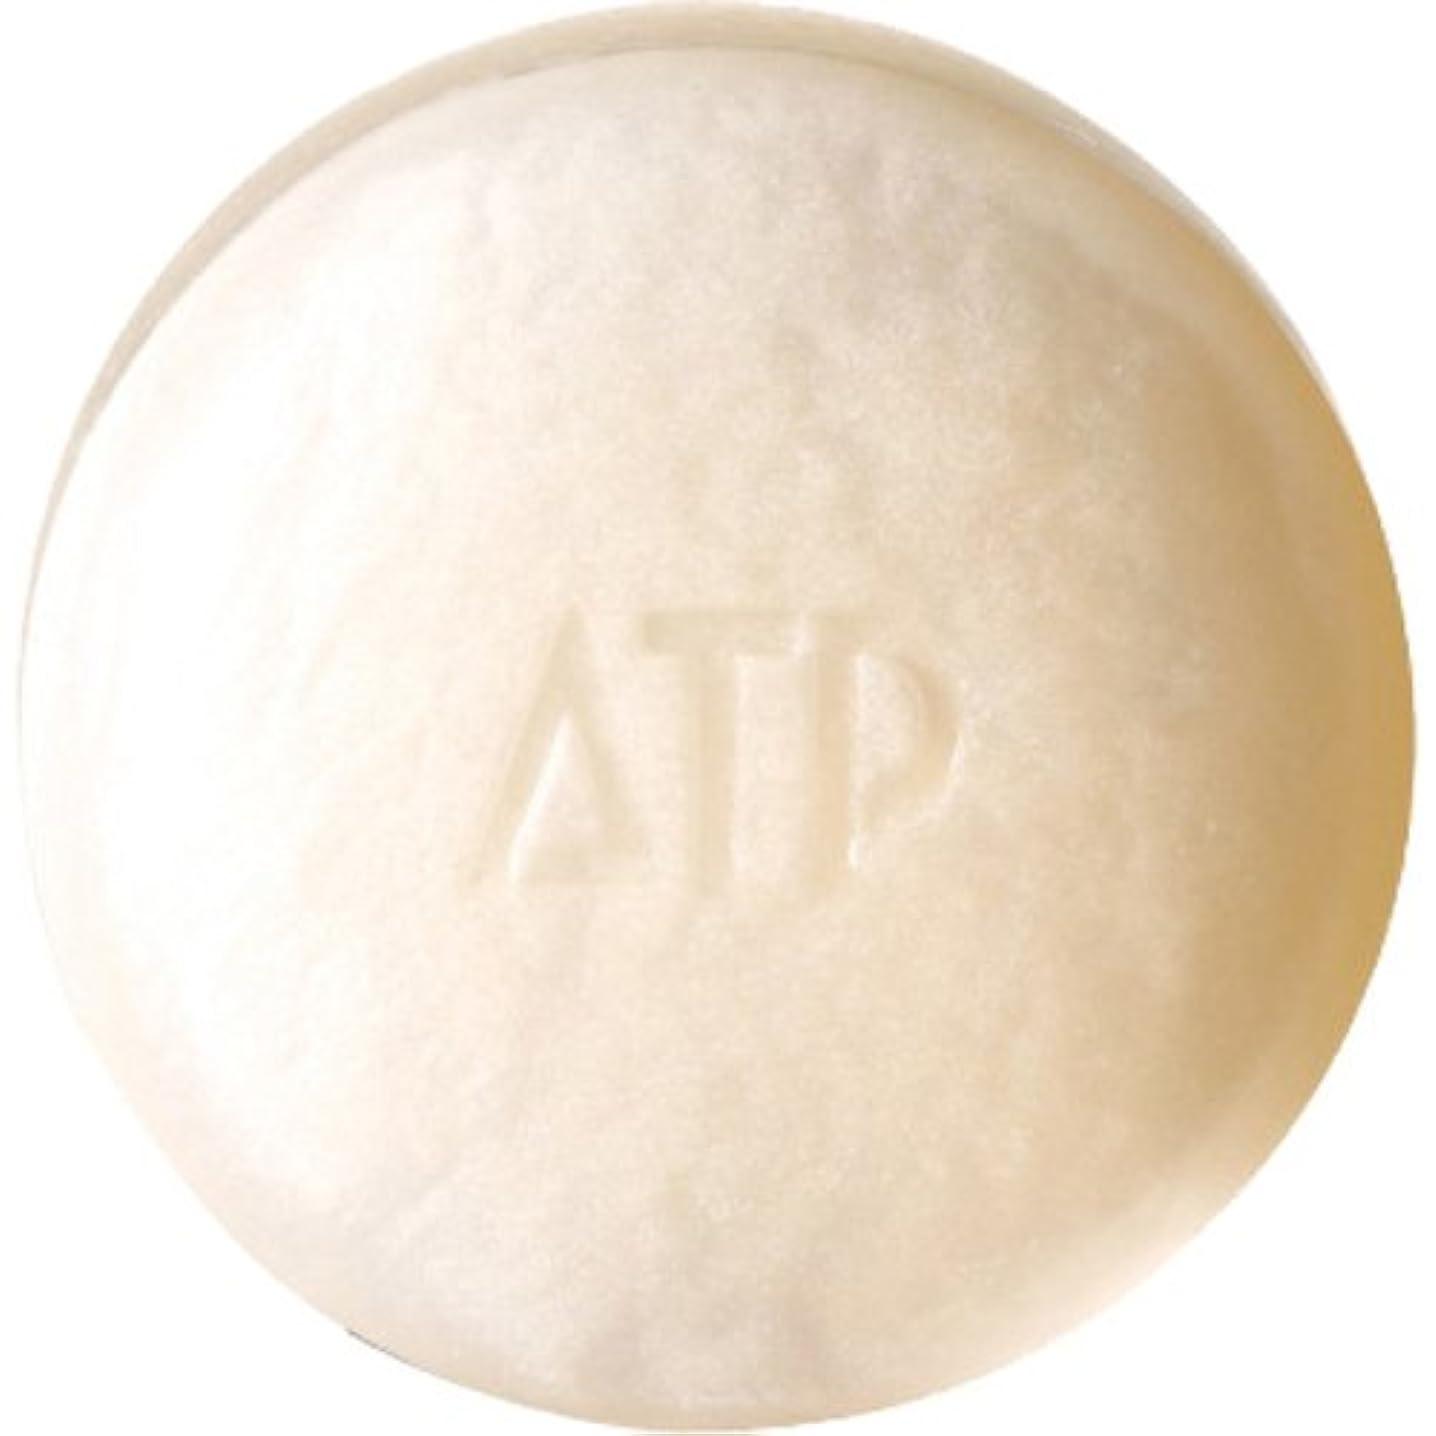 対称メイン誕生日薬用ATP デリケアソープ 100g ケースなし (全身用洗浄石けん?枠練り) [医薬部外品]